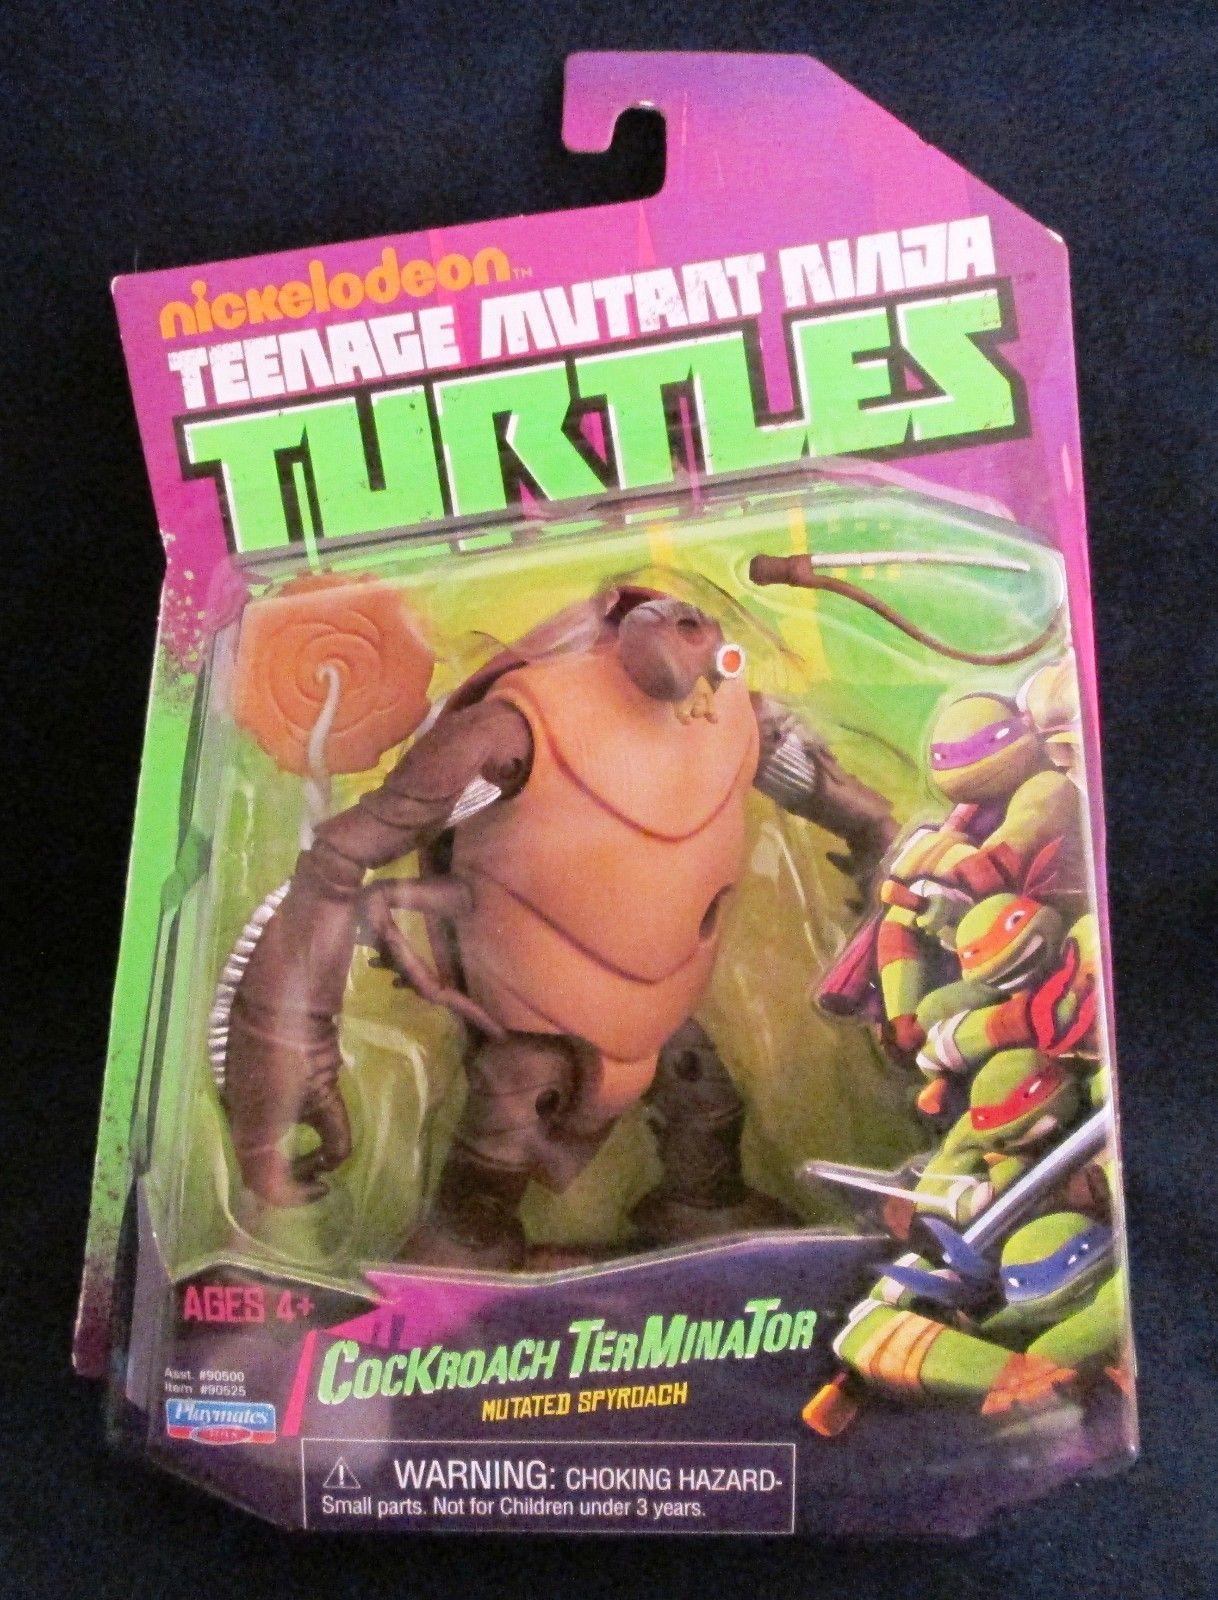 Teenage Mutant Ninja Turtles Nickelodeon Cockroach Terminator Figure TMNT